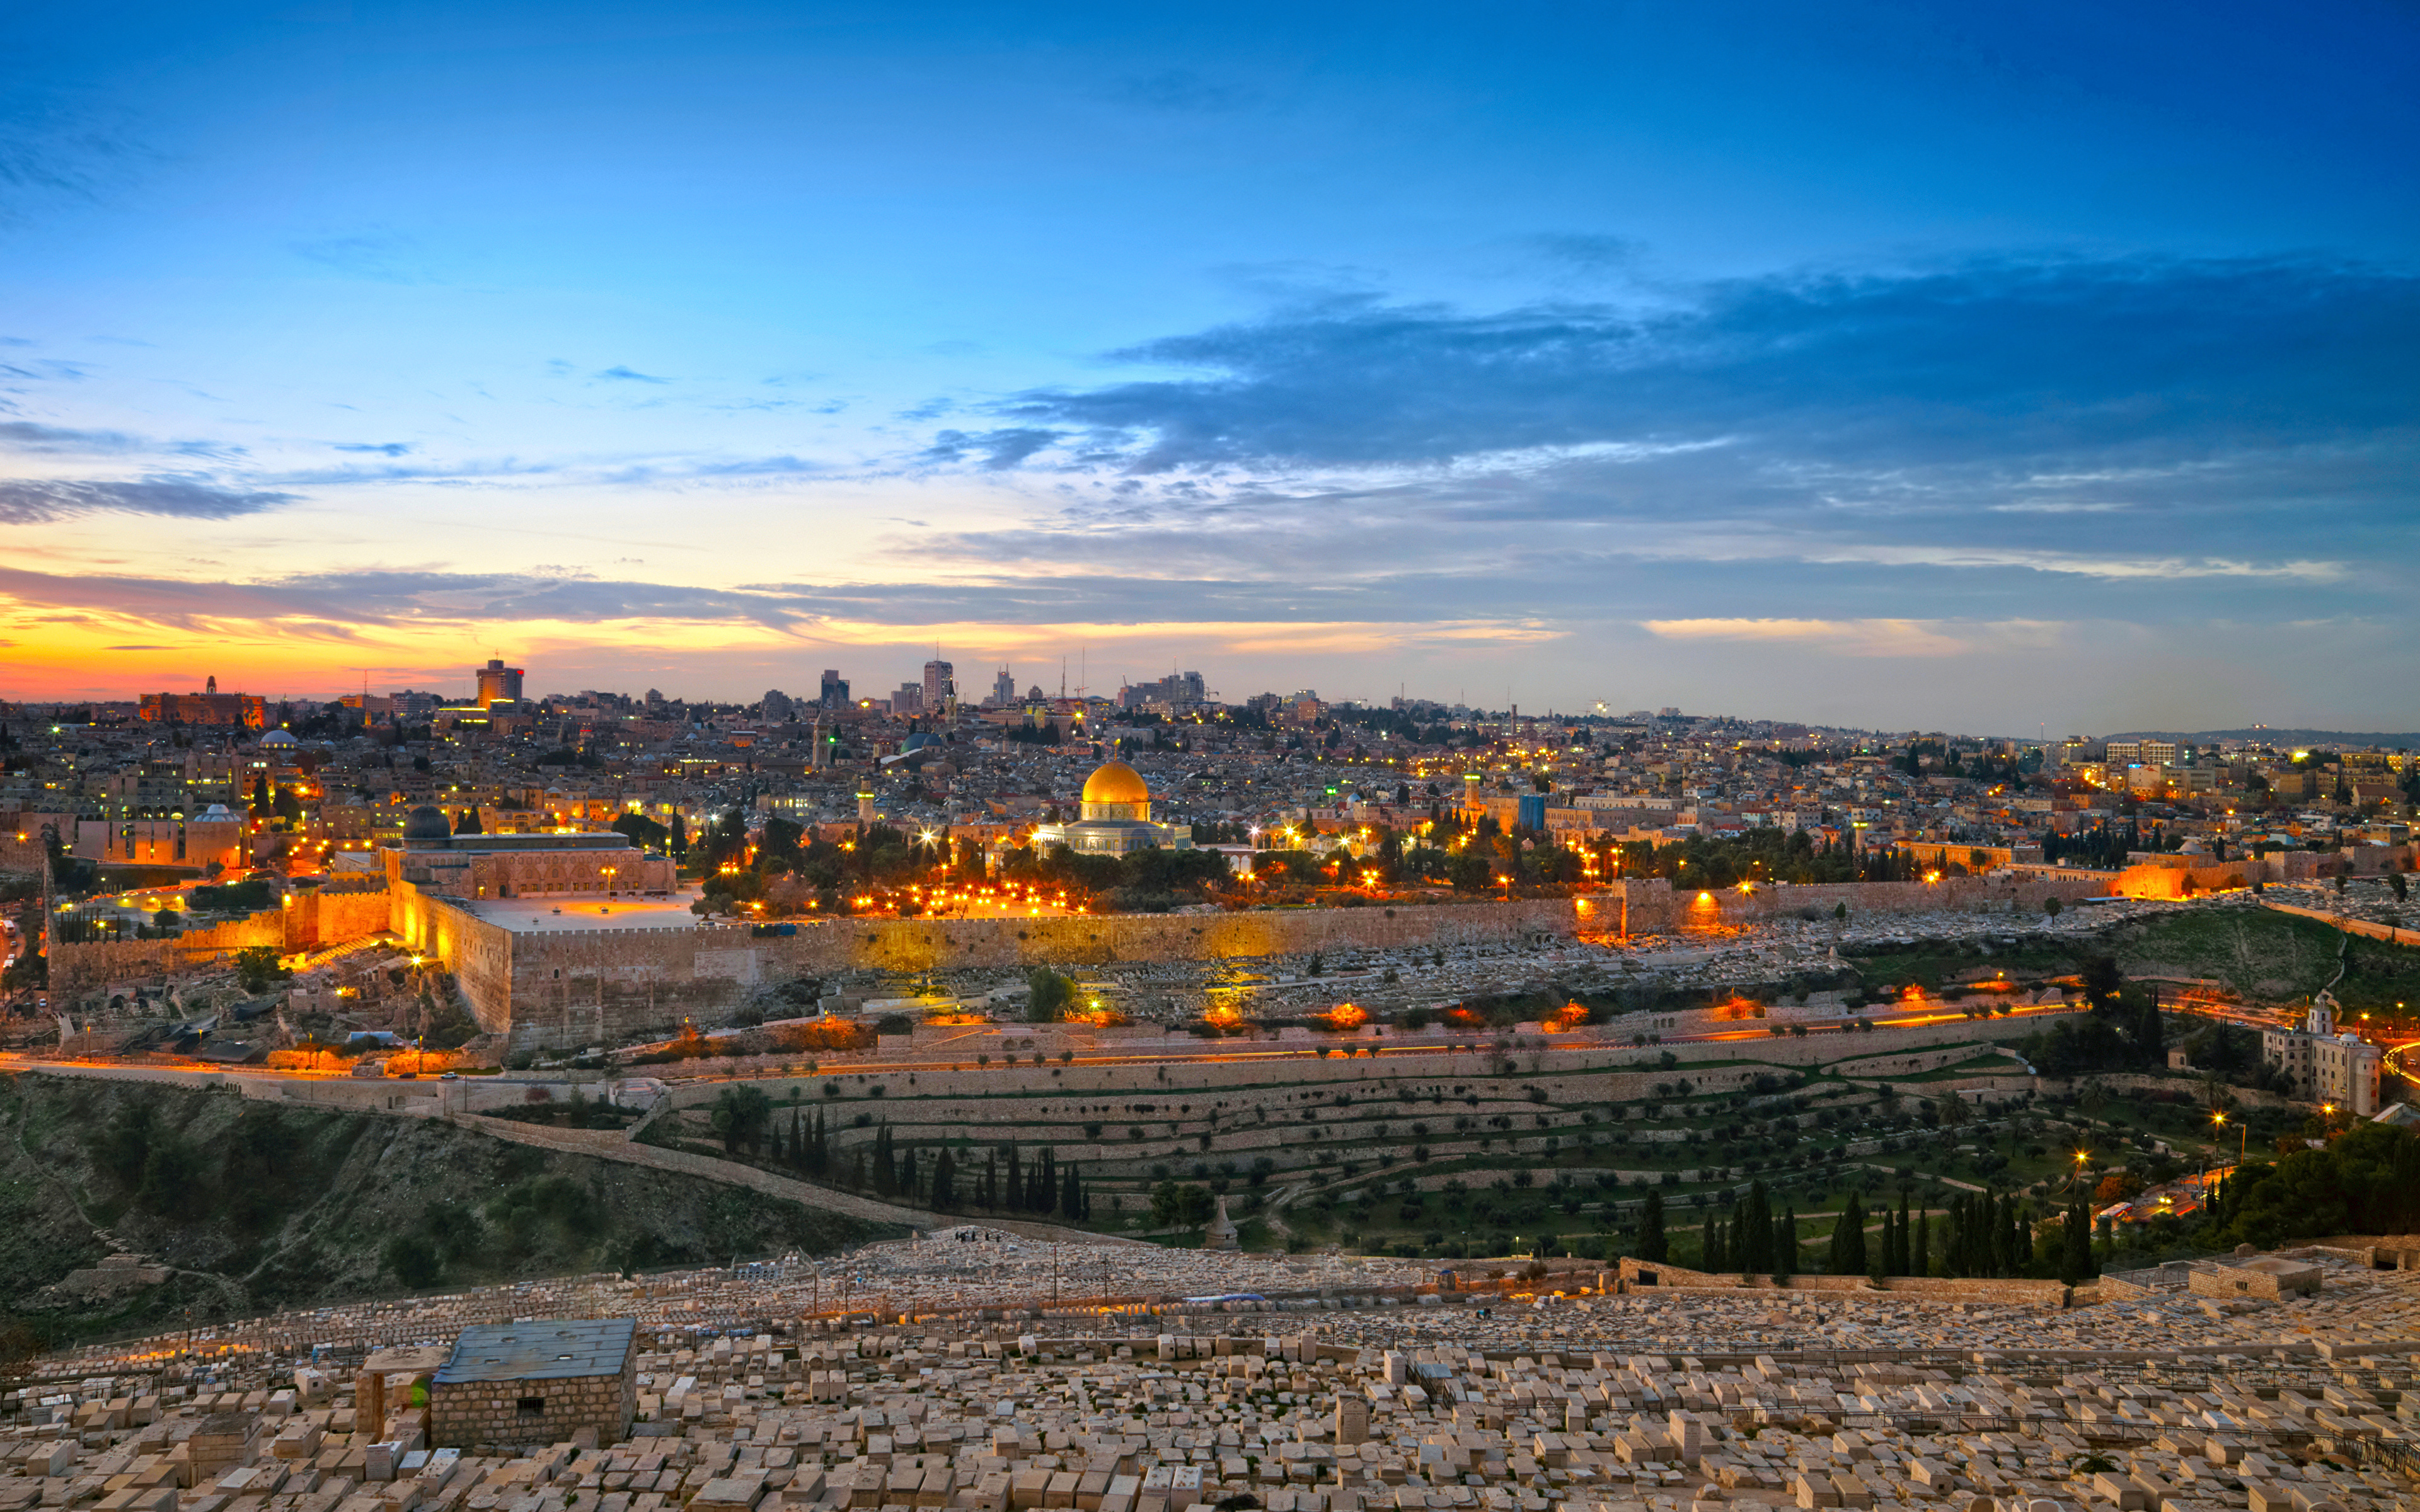 israel_houses_sky_464658_3840x2400.jpg